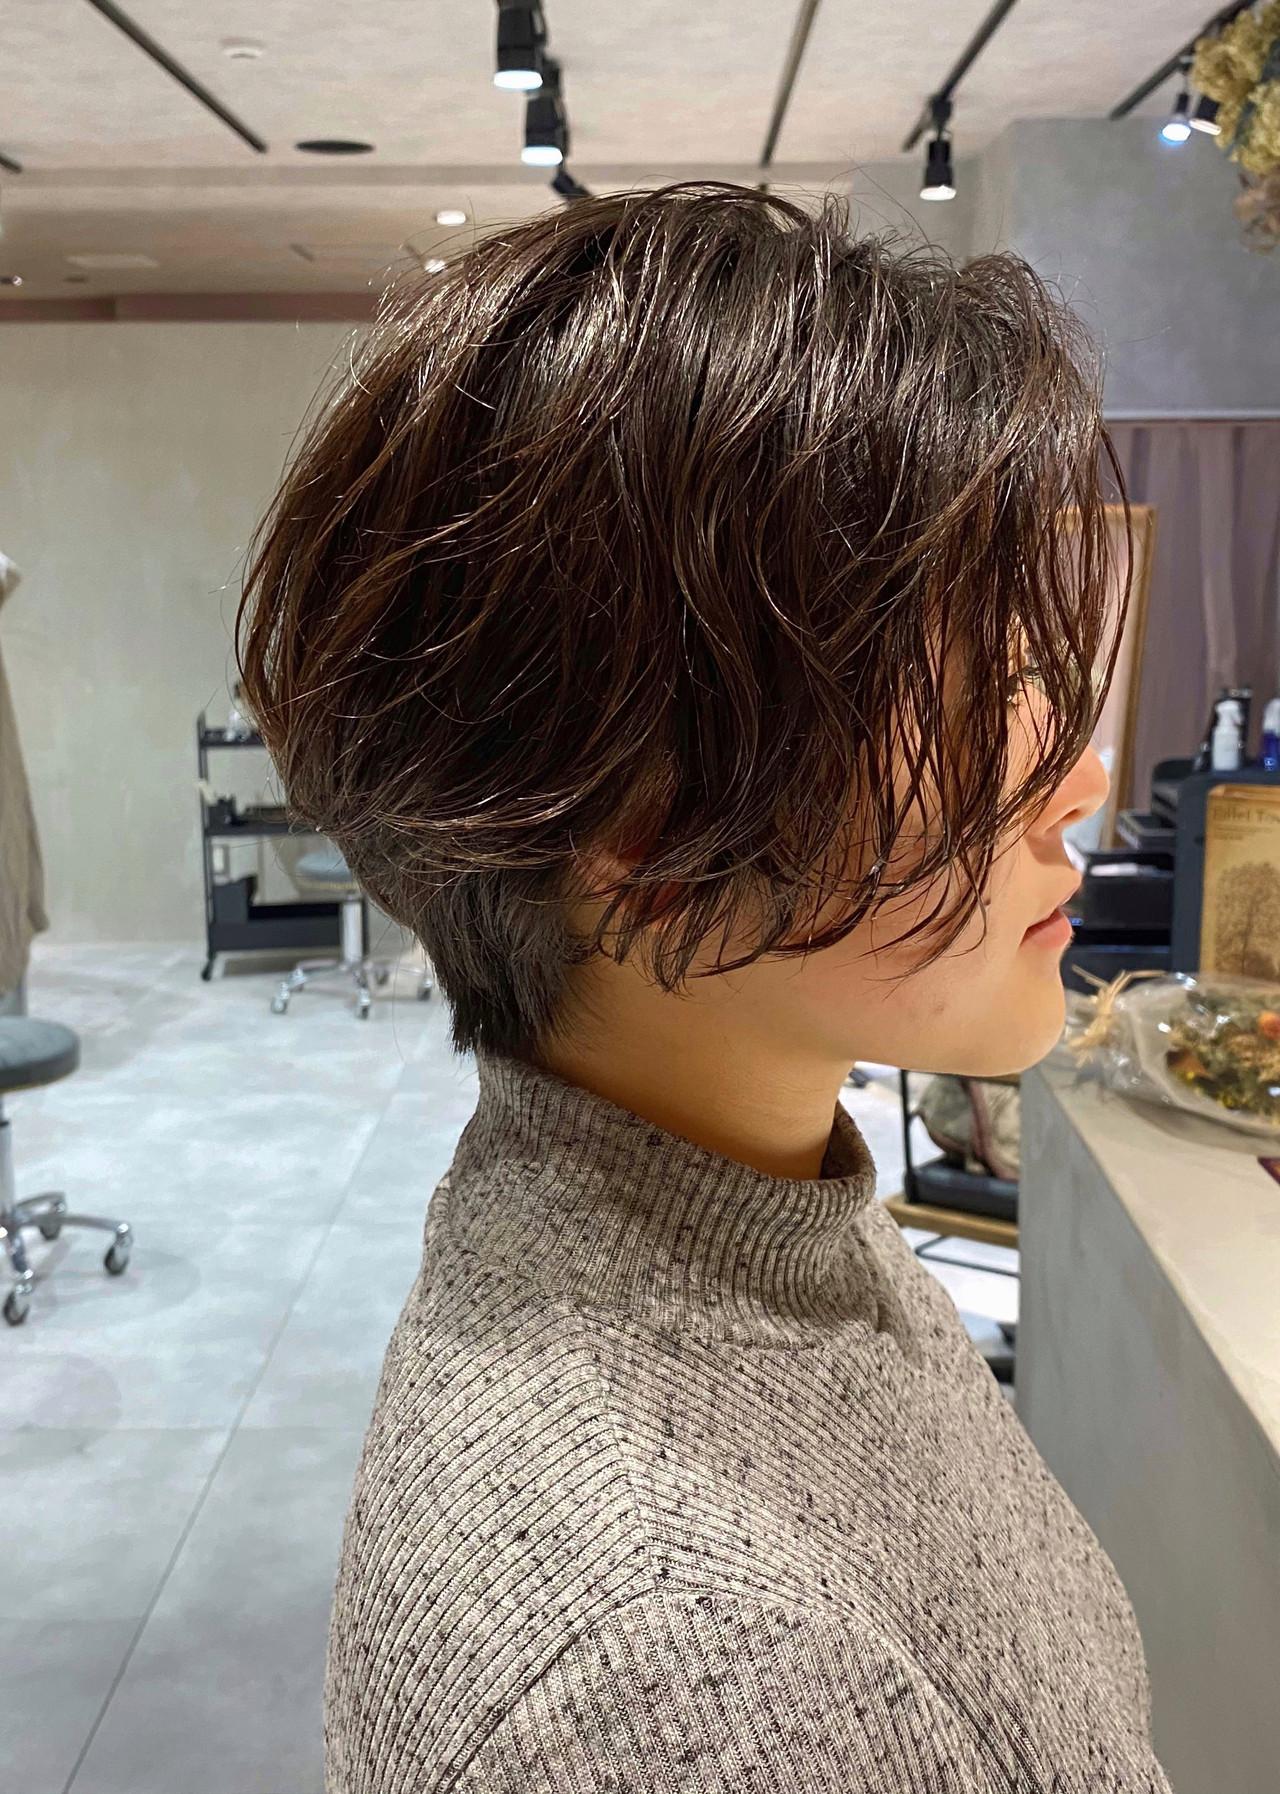 ショートヘア ナチュラル 抜け感 ショート ヘアスタイルや髪型の写真・画像 | 加山 暸汰 / till